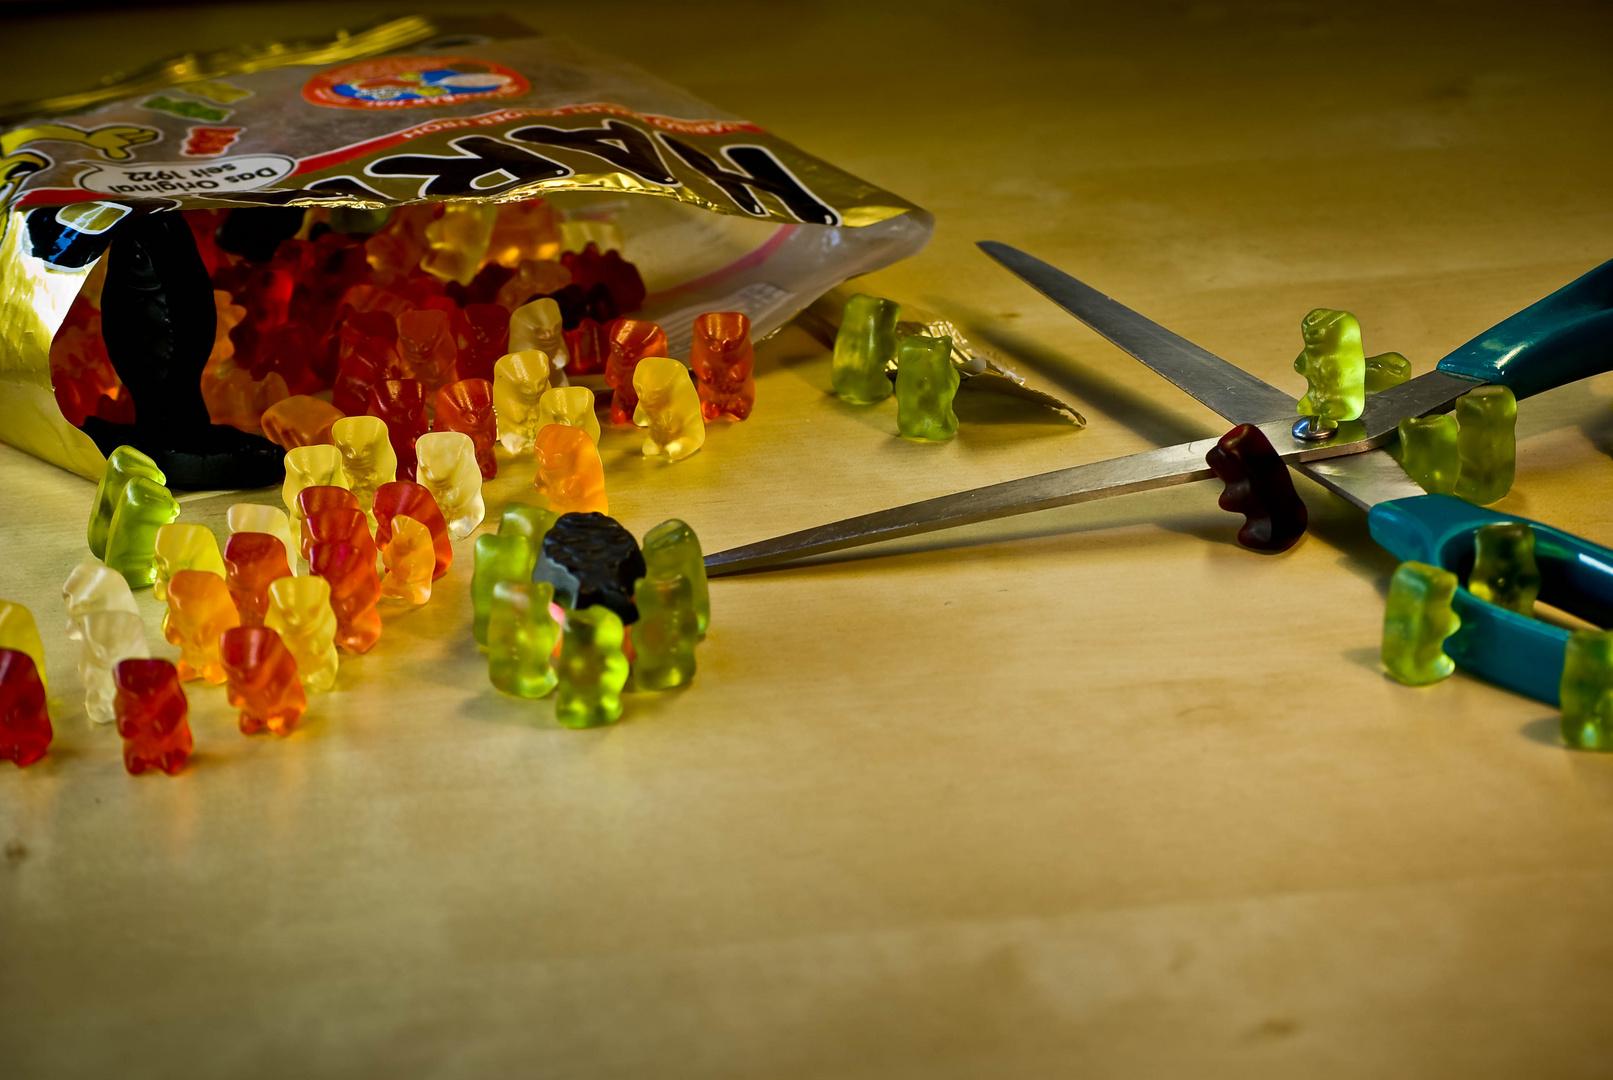 Mission: Free Gummybear